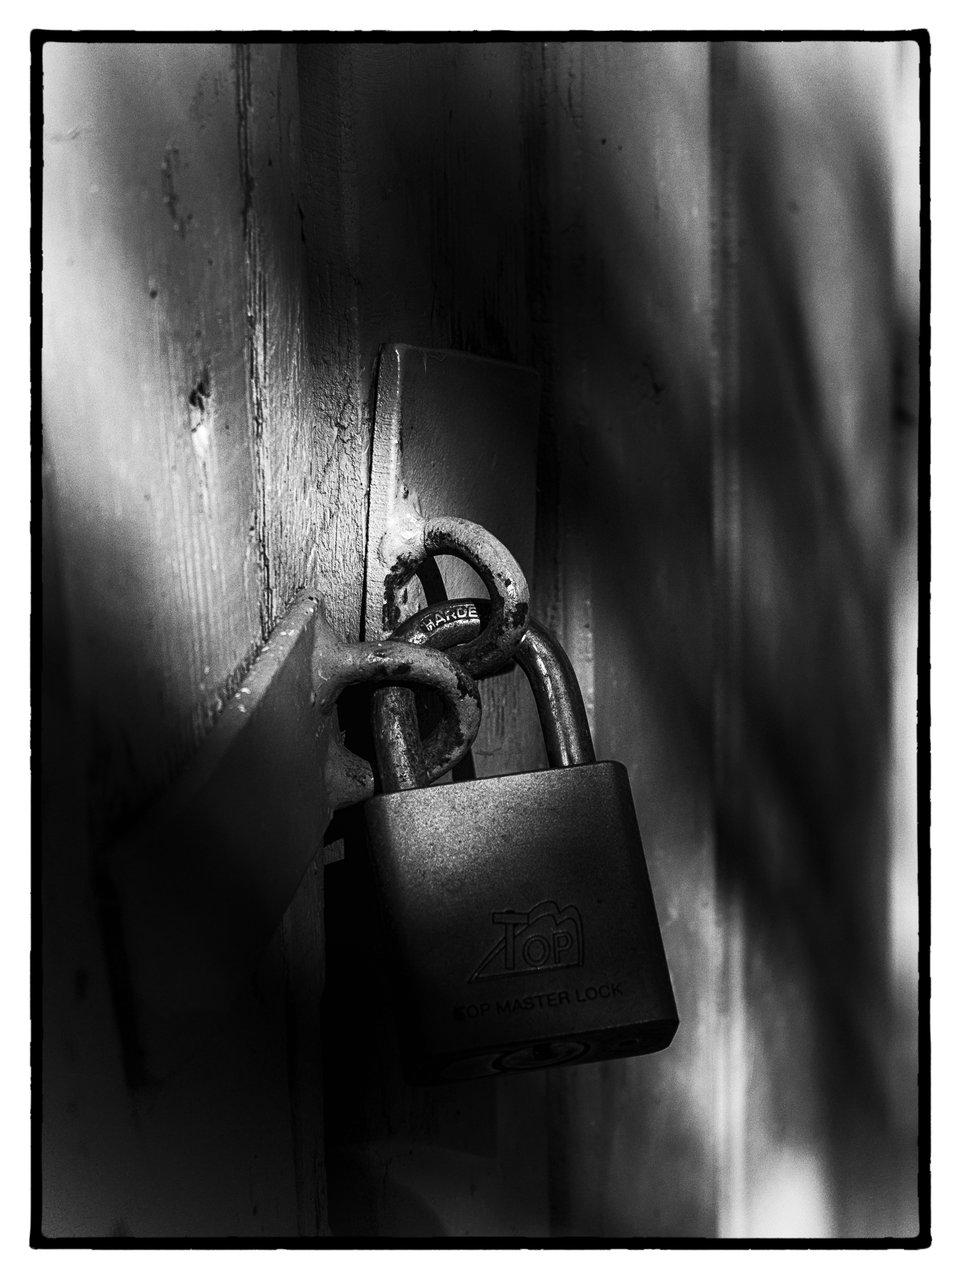 По време на пандемия. | Author simeon petrov - ombre | PHOTO FORUM